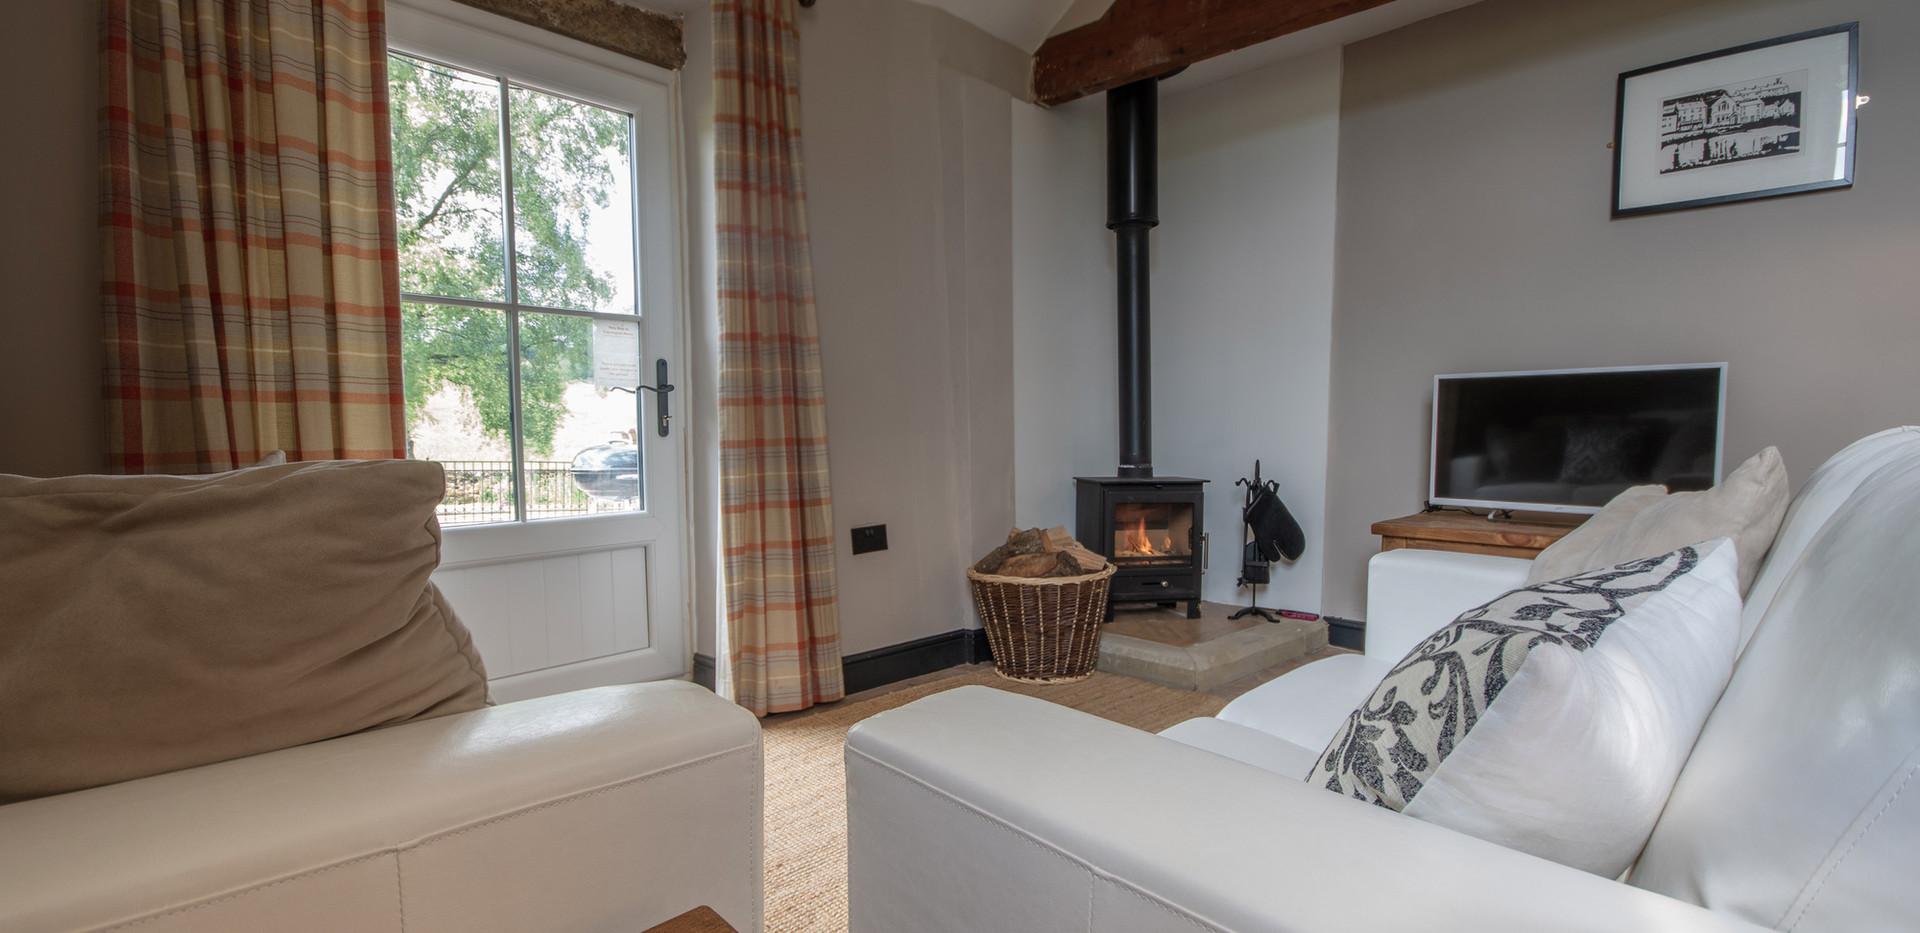 Lathkill Living Area (1).jpg